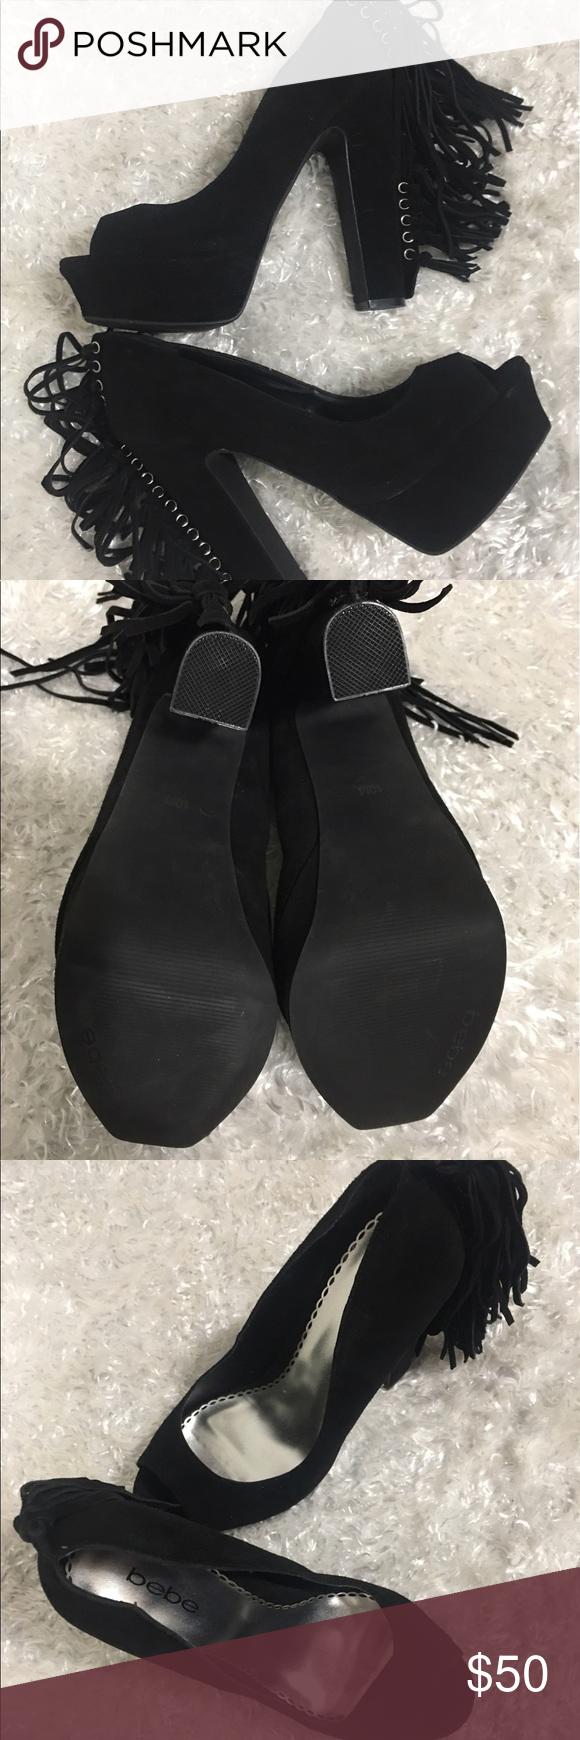 50 Inch Black Ass